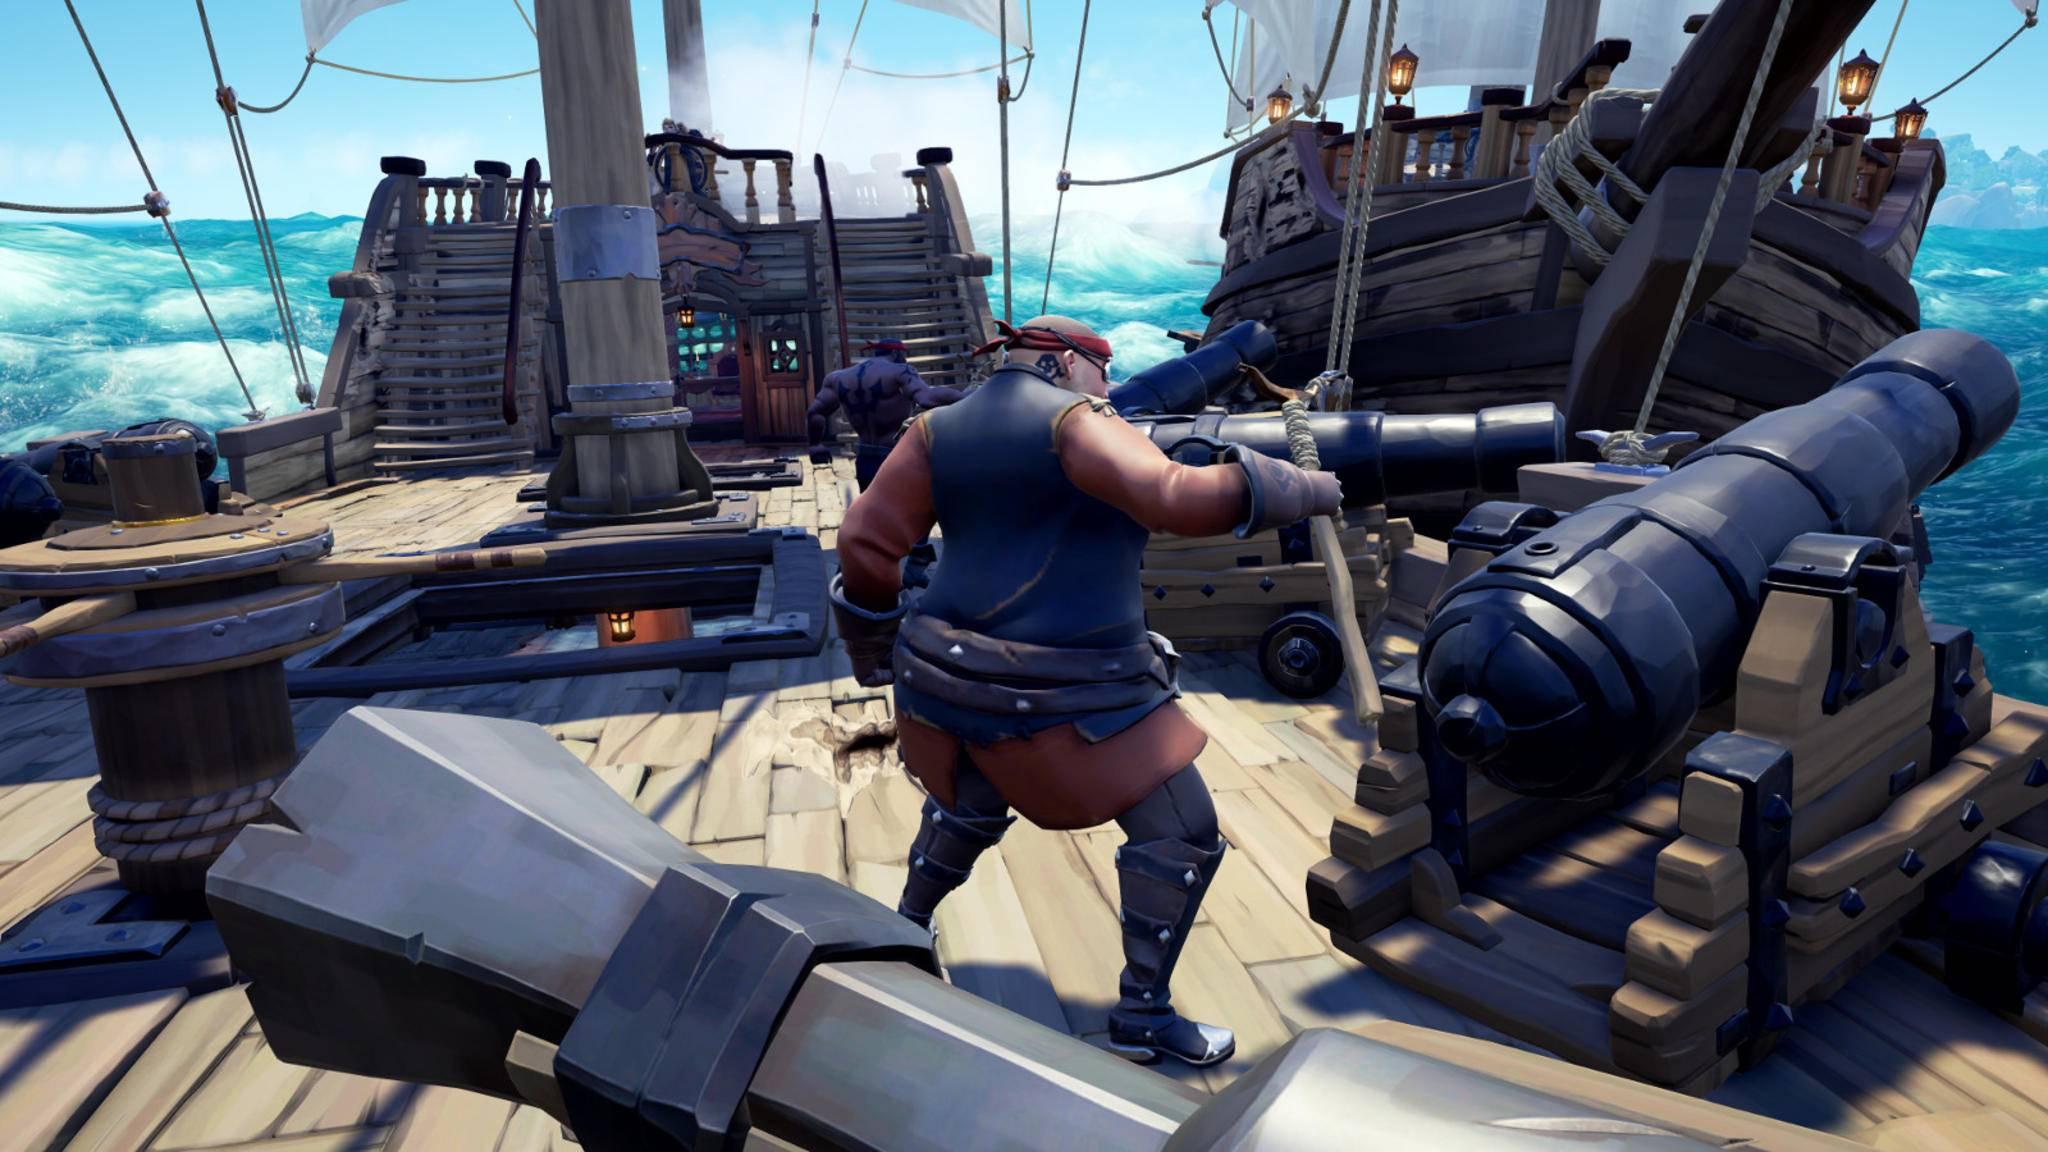 Rare mit Launch-Inhalten von Sea of Thieves zufrieden